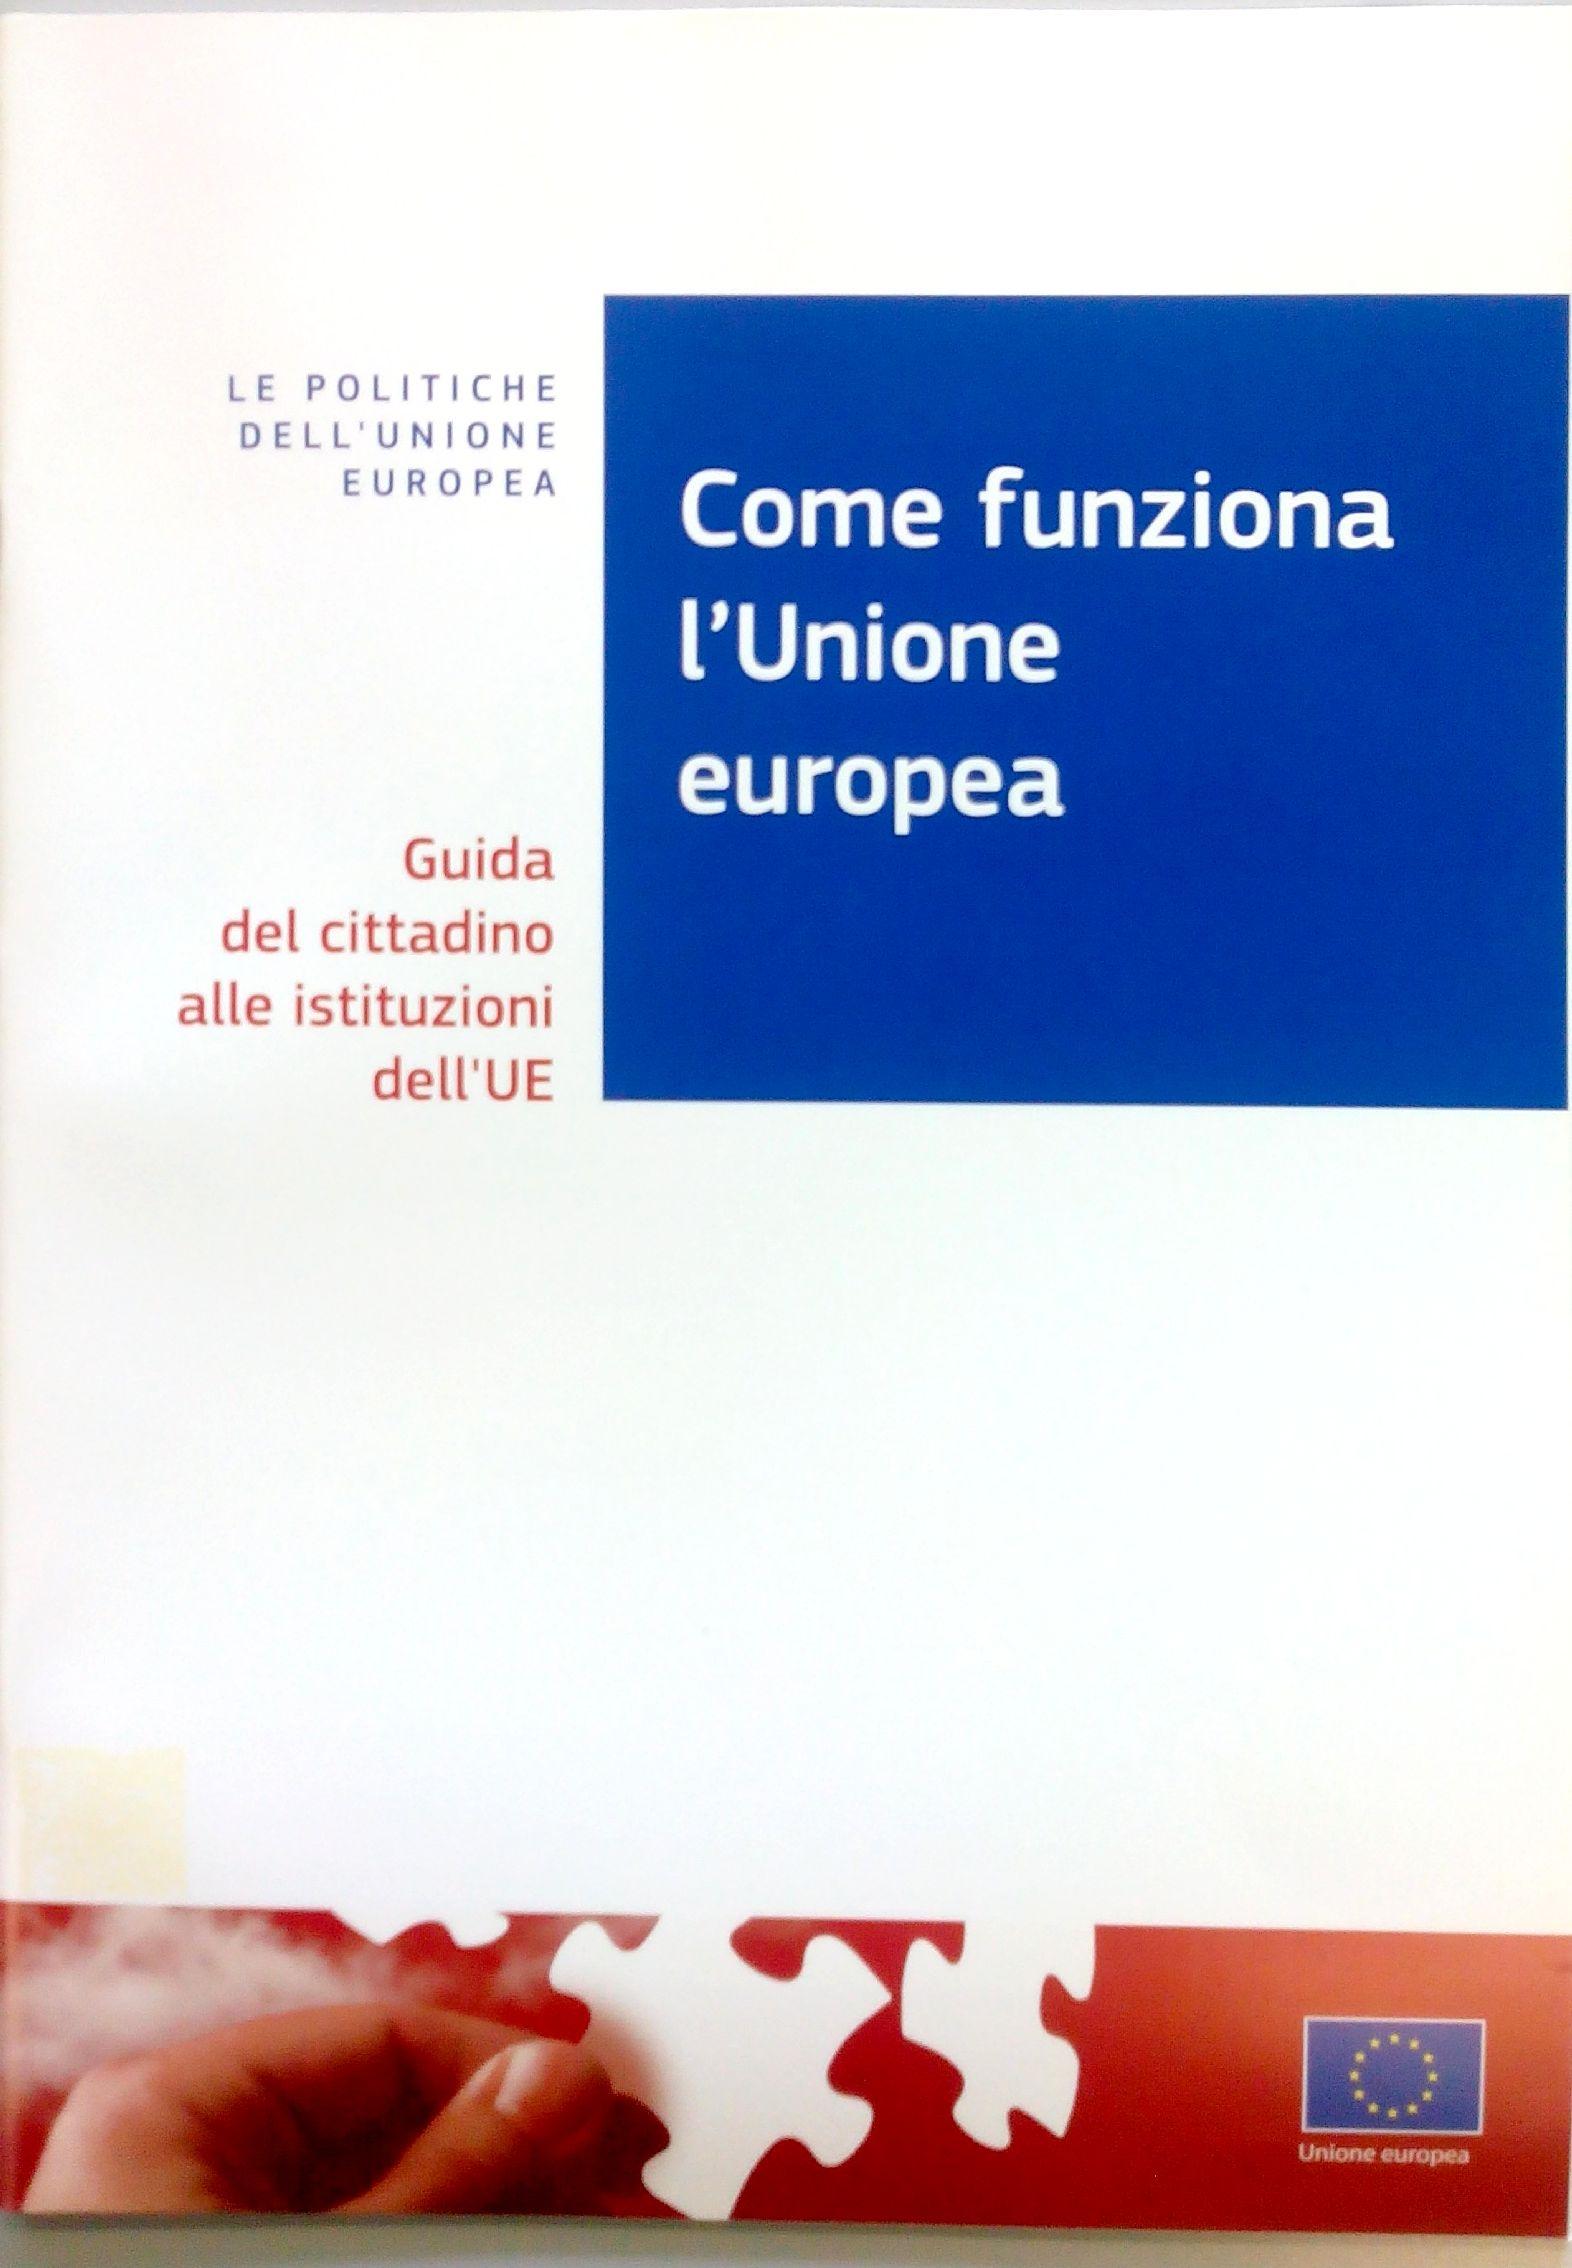 Come funziona l'Unione Europea